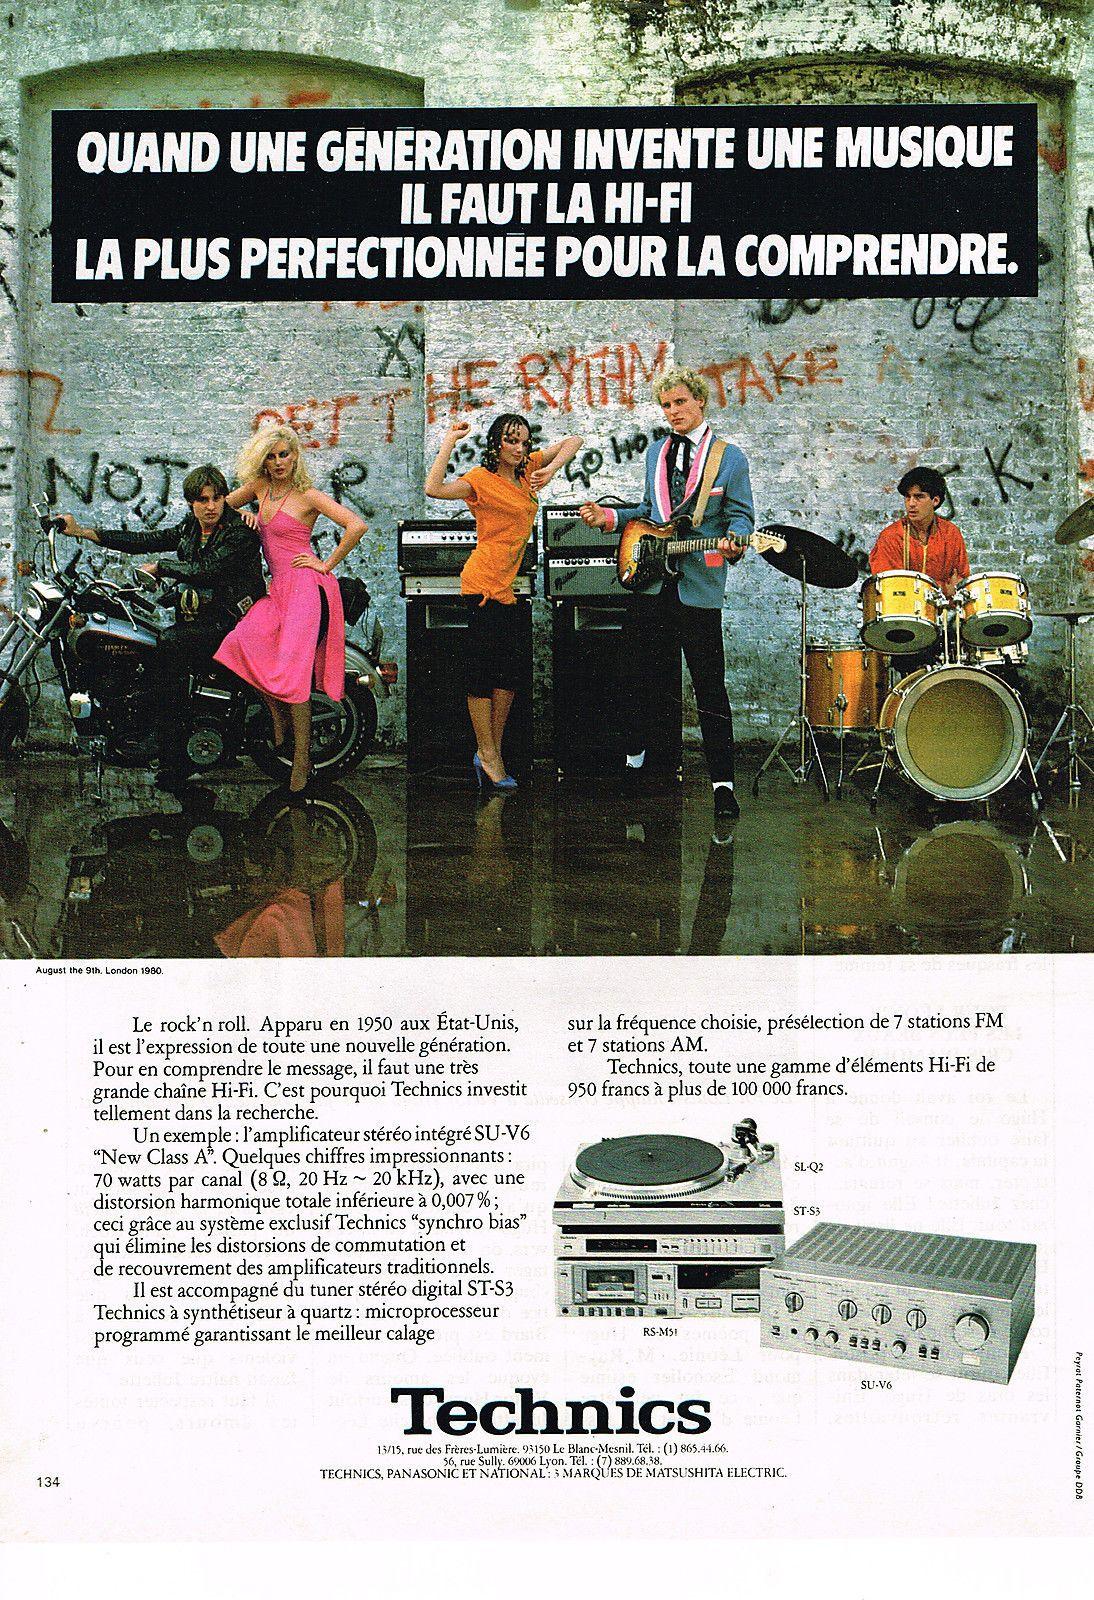 Technics SL-Q2 PUBLICITE  1981   TECHNICS   ampli stéréo | Collections, Objets publicitaires, Publicités papier | eBay!